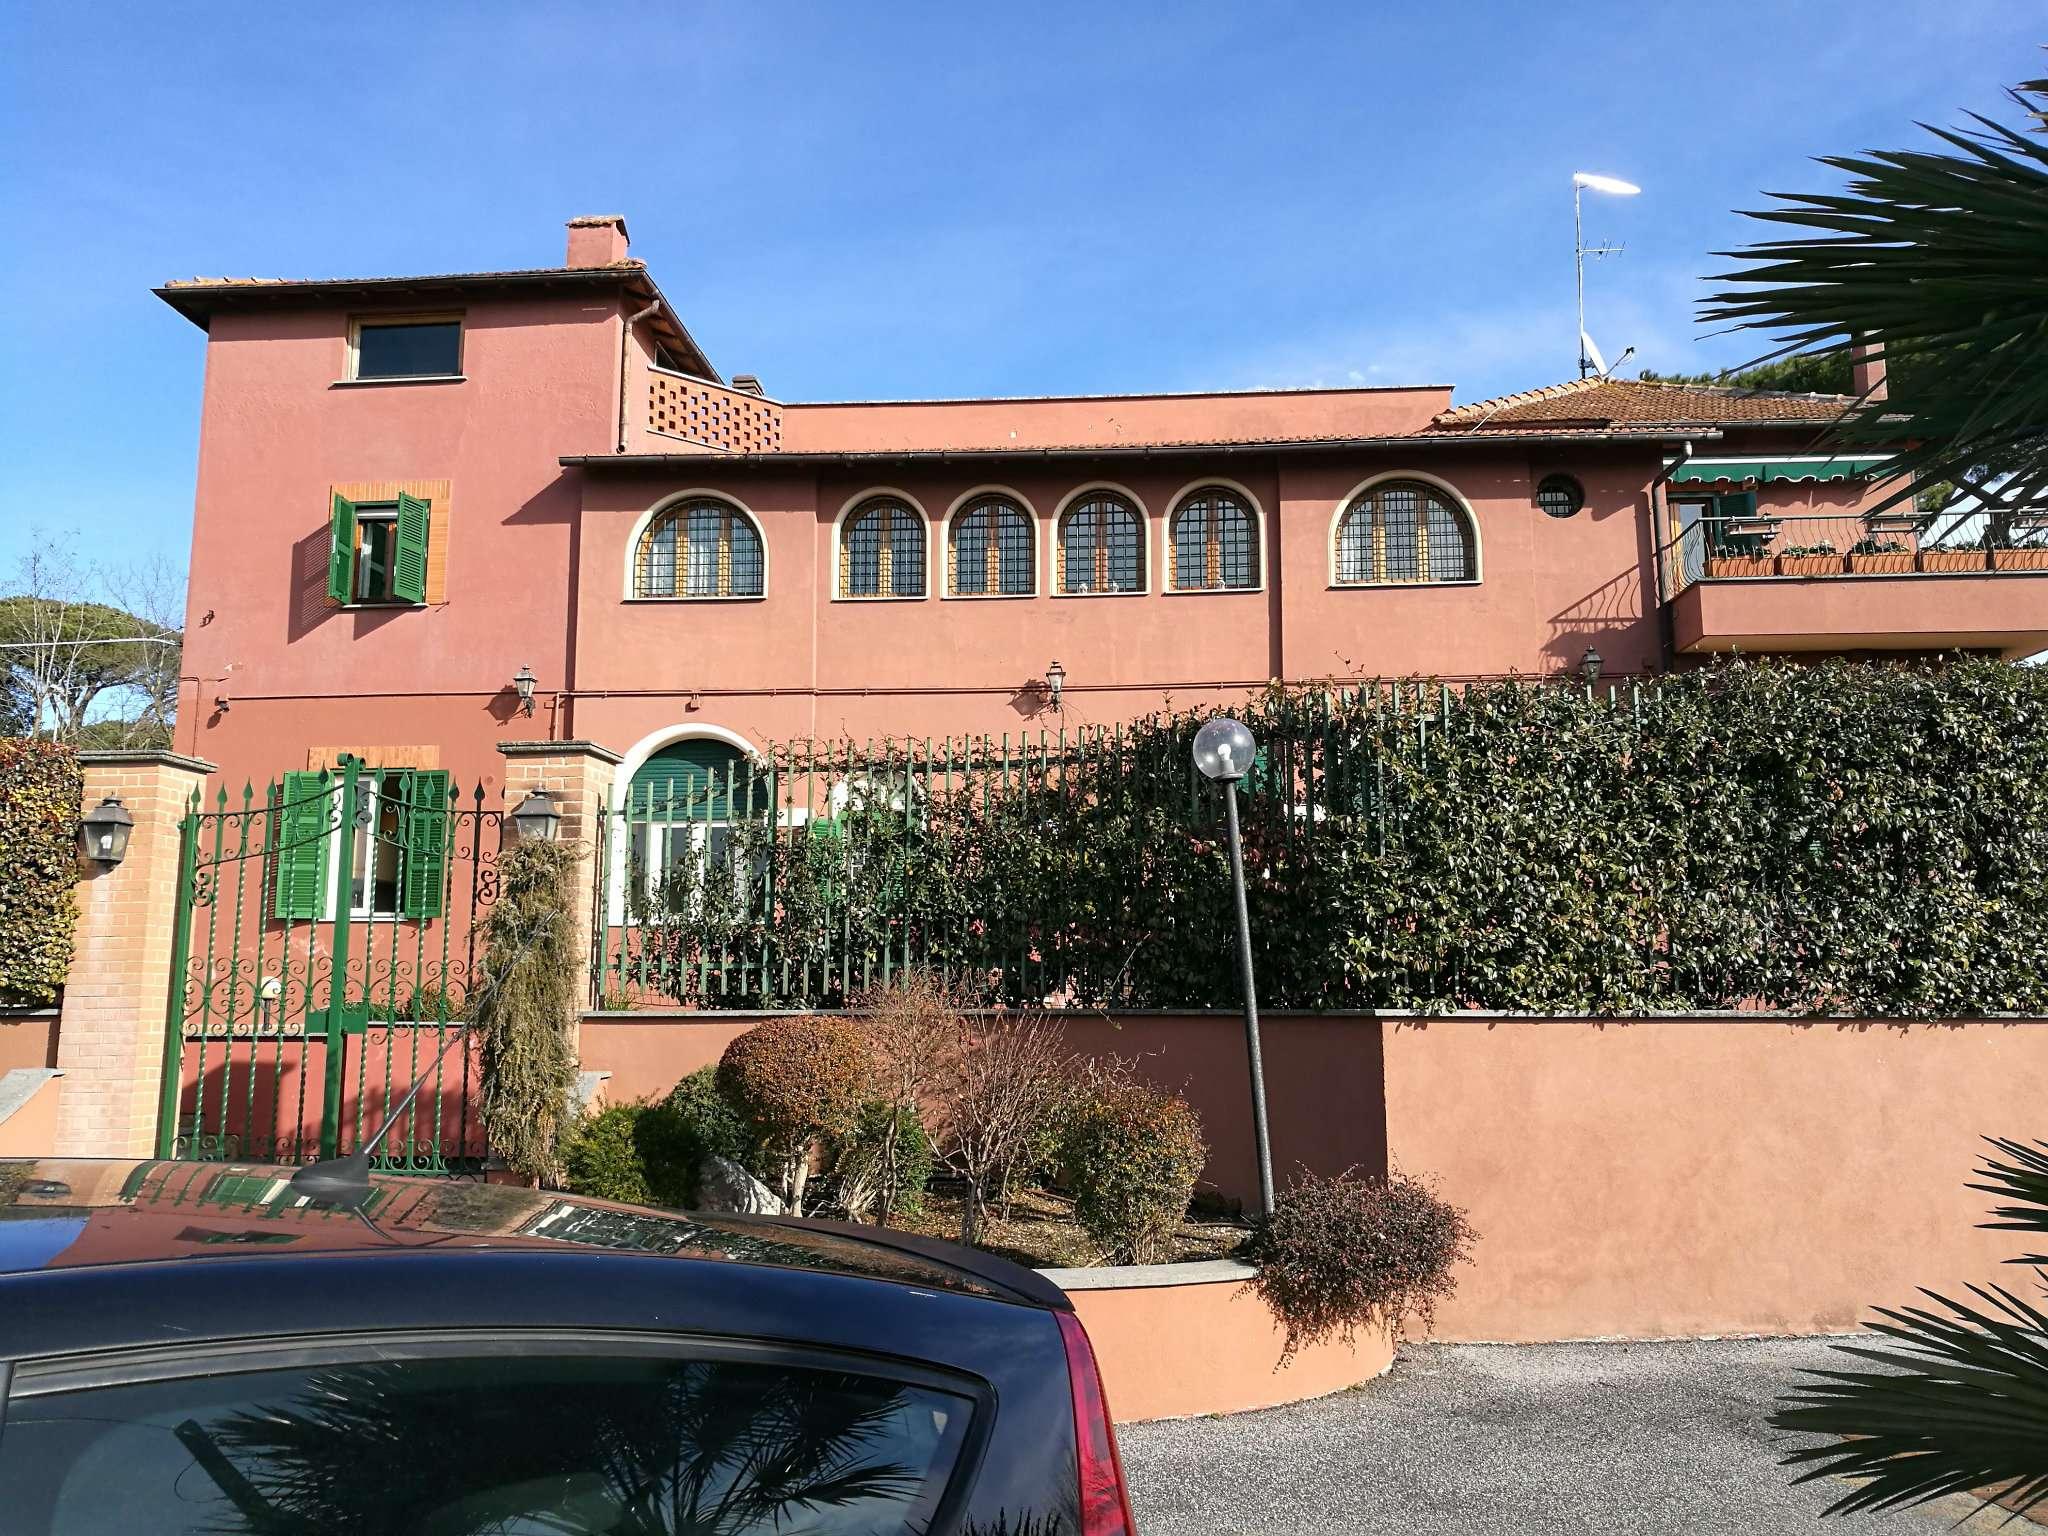 Rustico / Casale in affitto a Roma, 5 locali, zona Zona: 42 . Cassia - Olgiata, prezzo € 1.200 | Cambio Casa.it